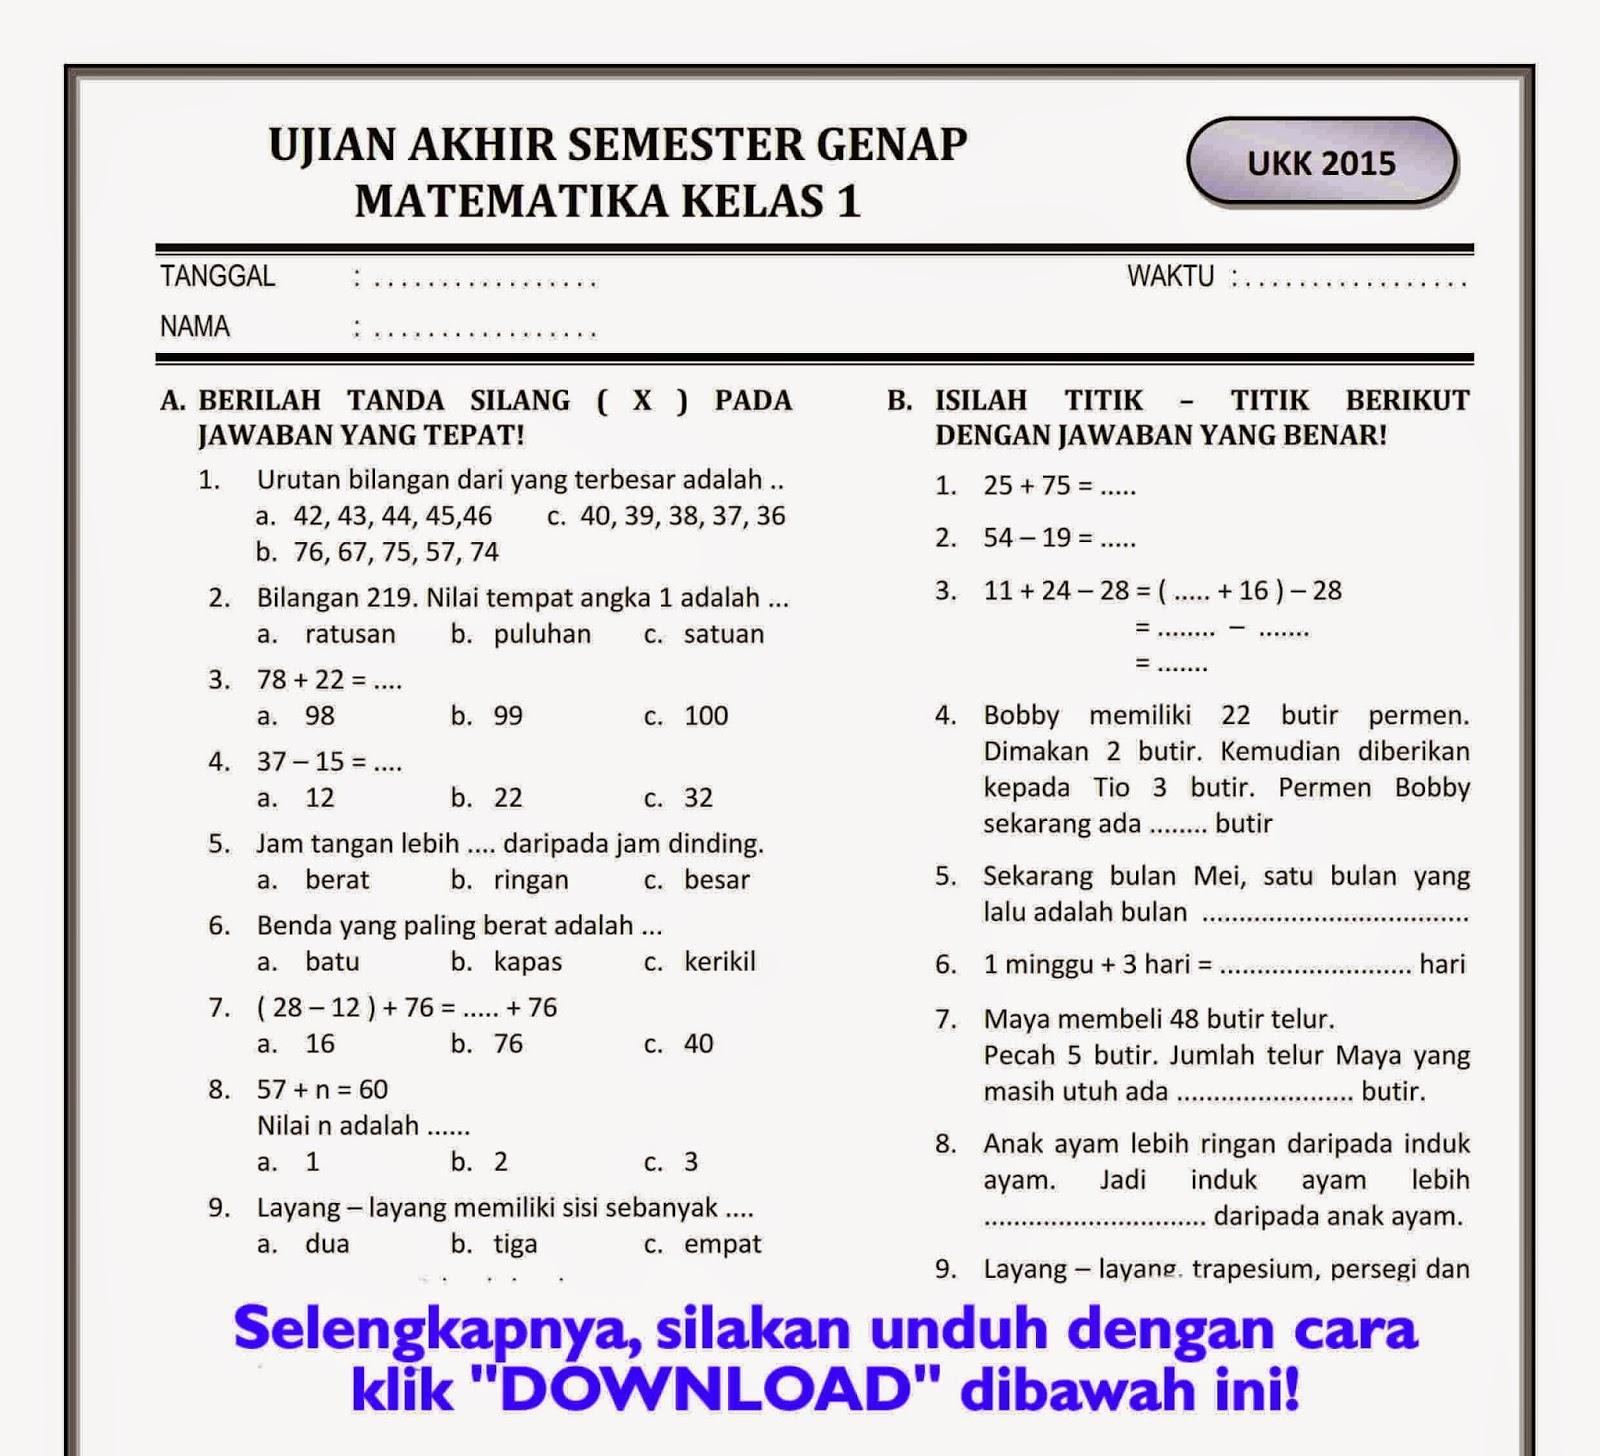 Contoh Soal Uas Matematika Kelas 1 Sd Semester 1